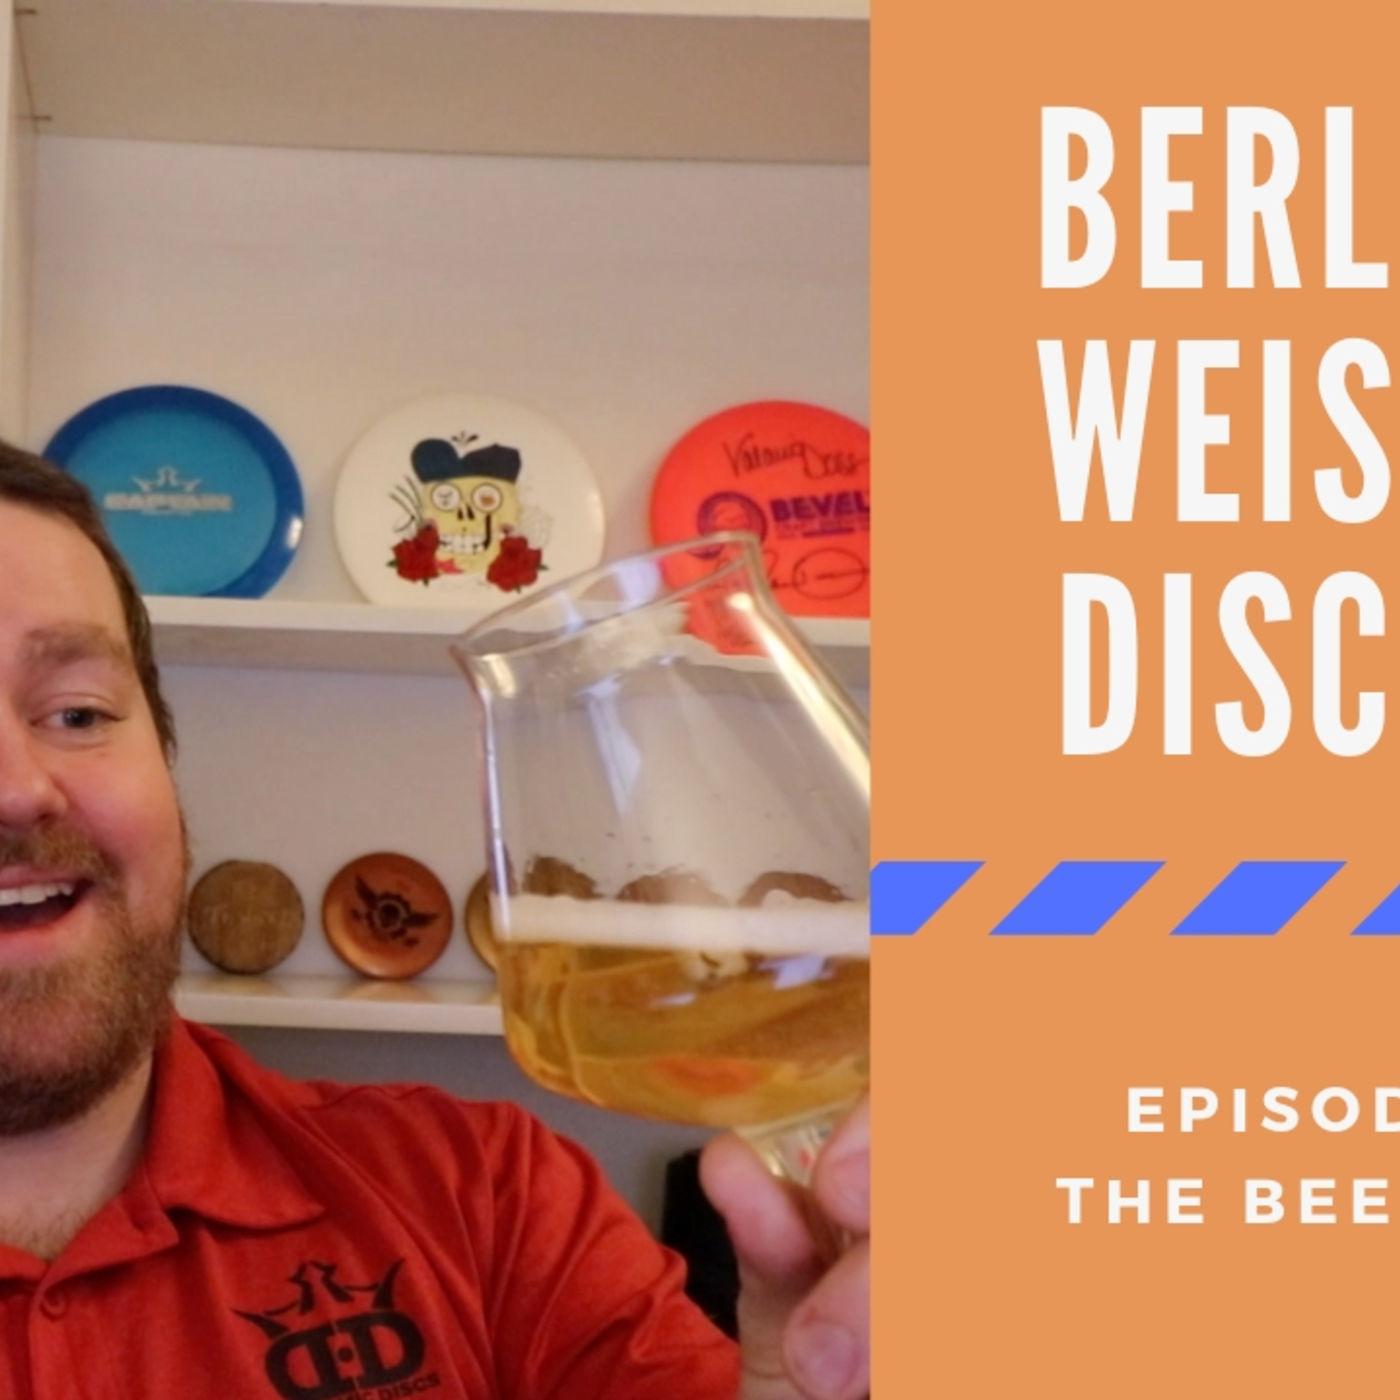 The Beer Flight #1 - Berliner Weisse and Discraft